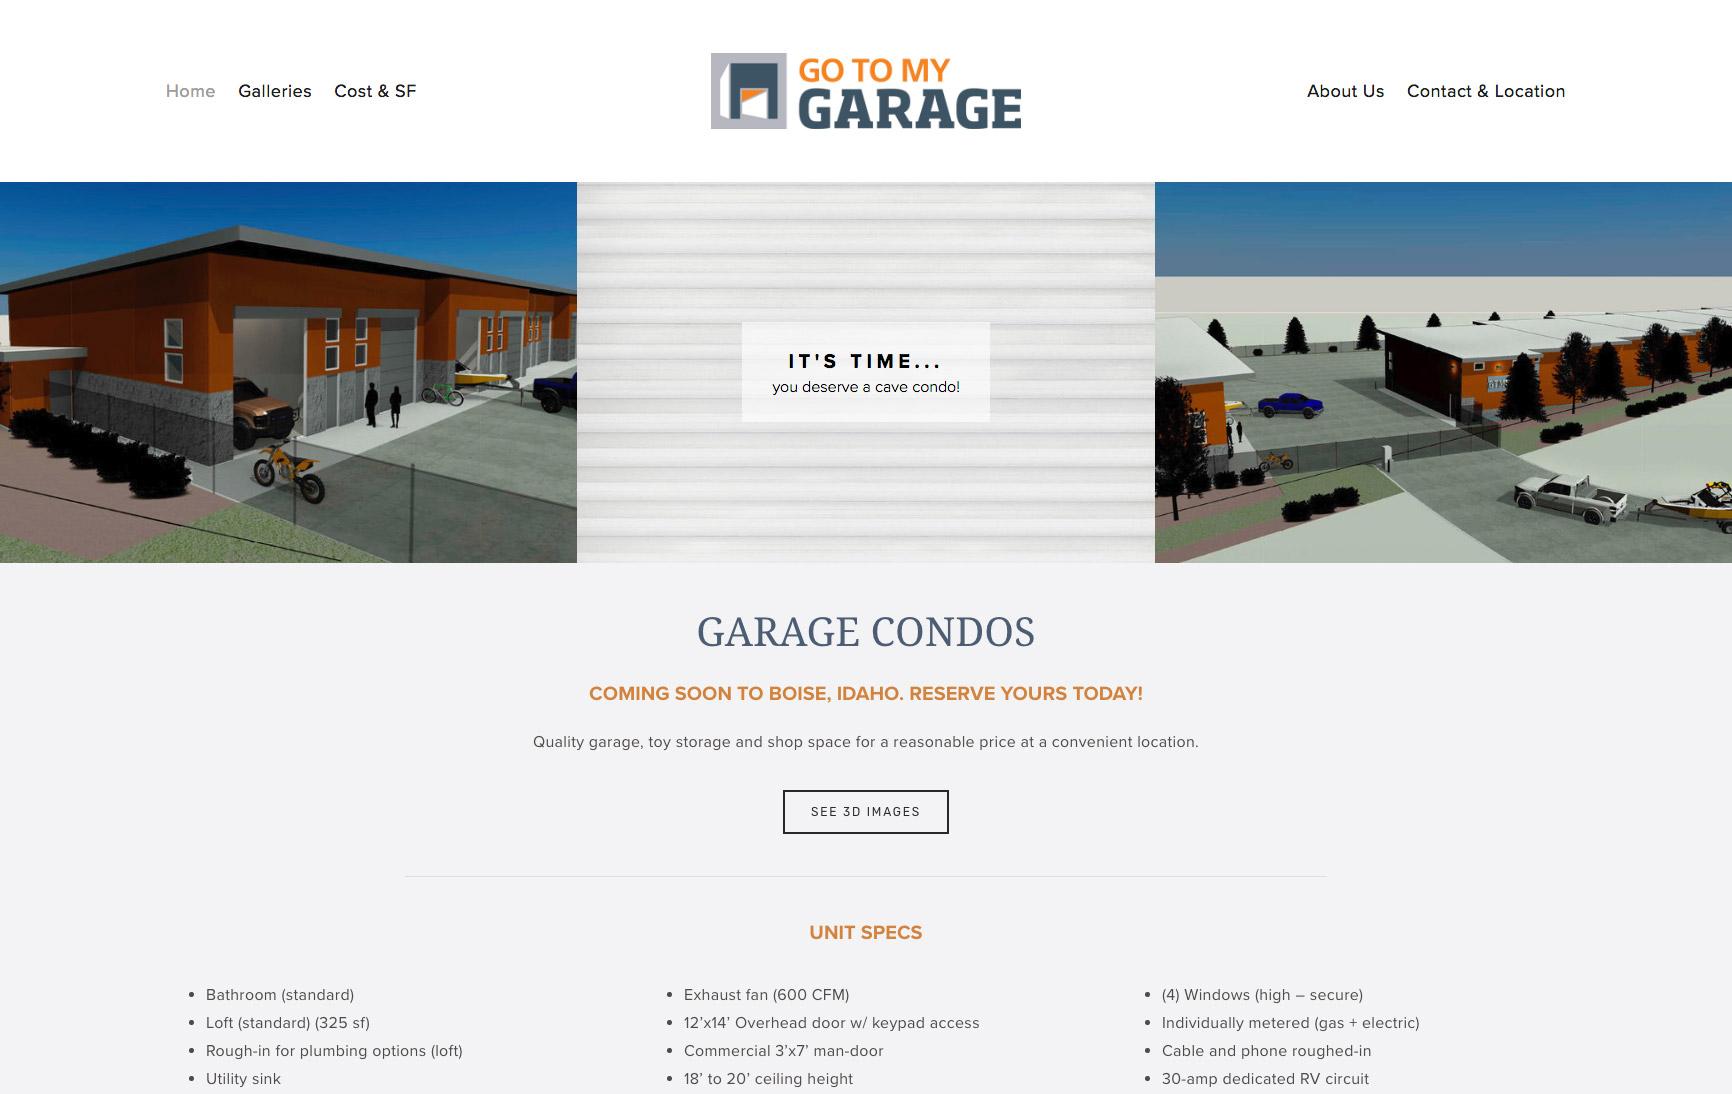 Go To My Garage